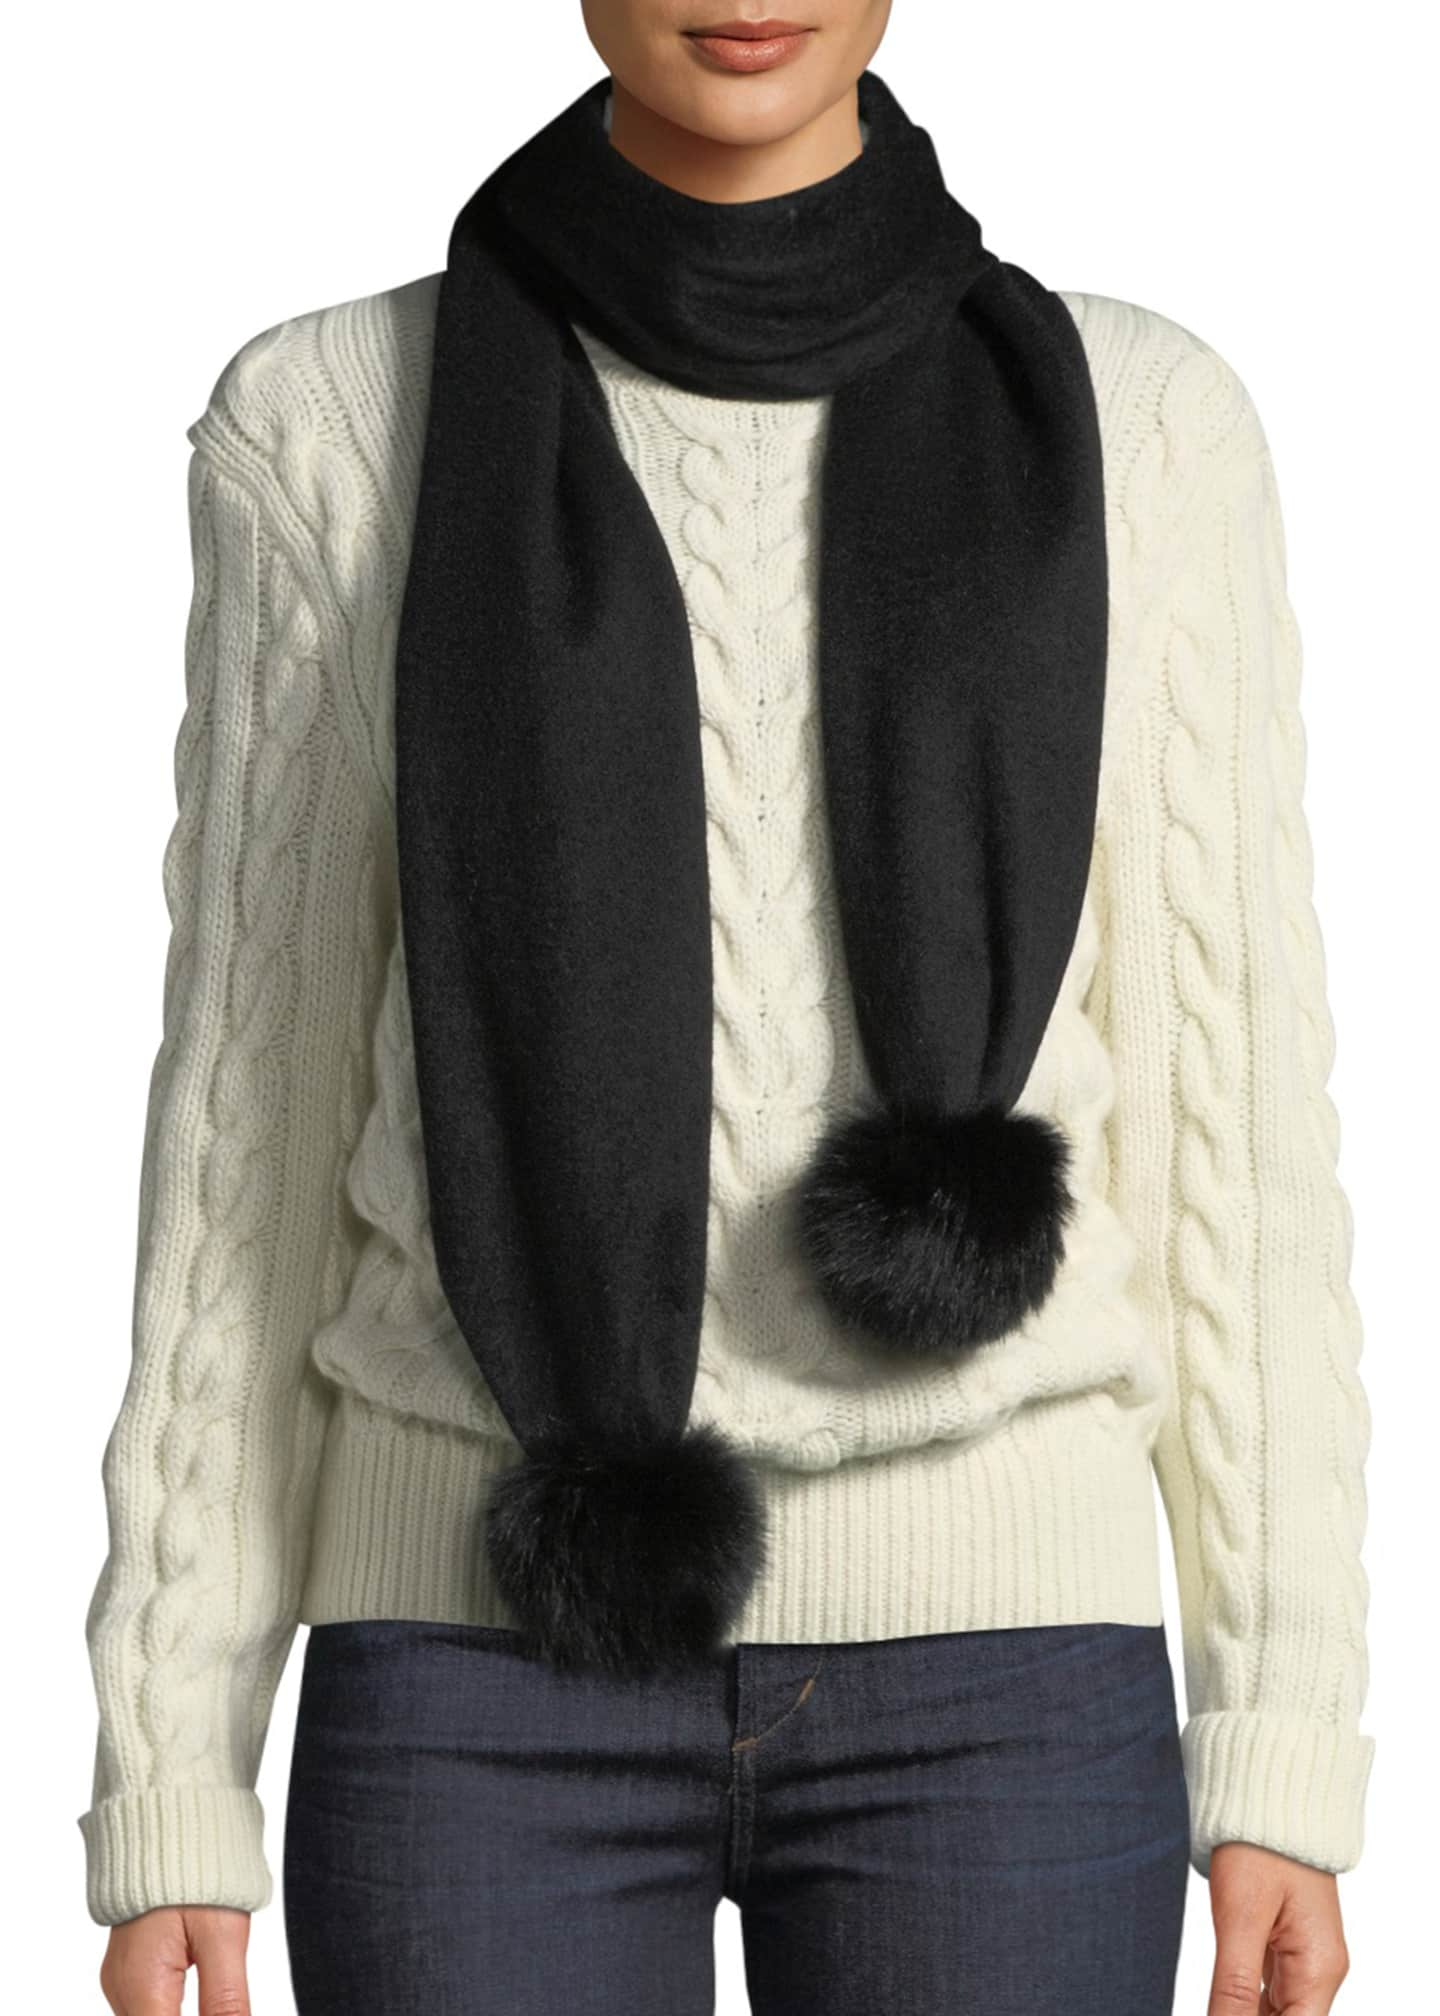 Gorski Cashmere Scarf w/ Fur Pompoms